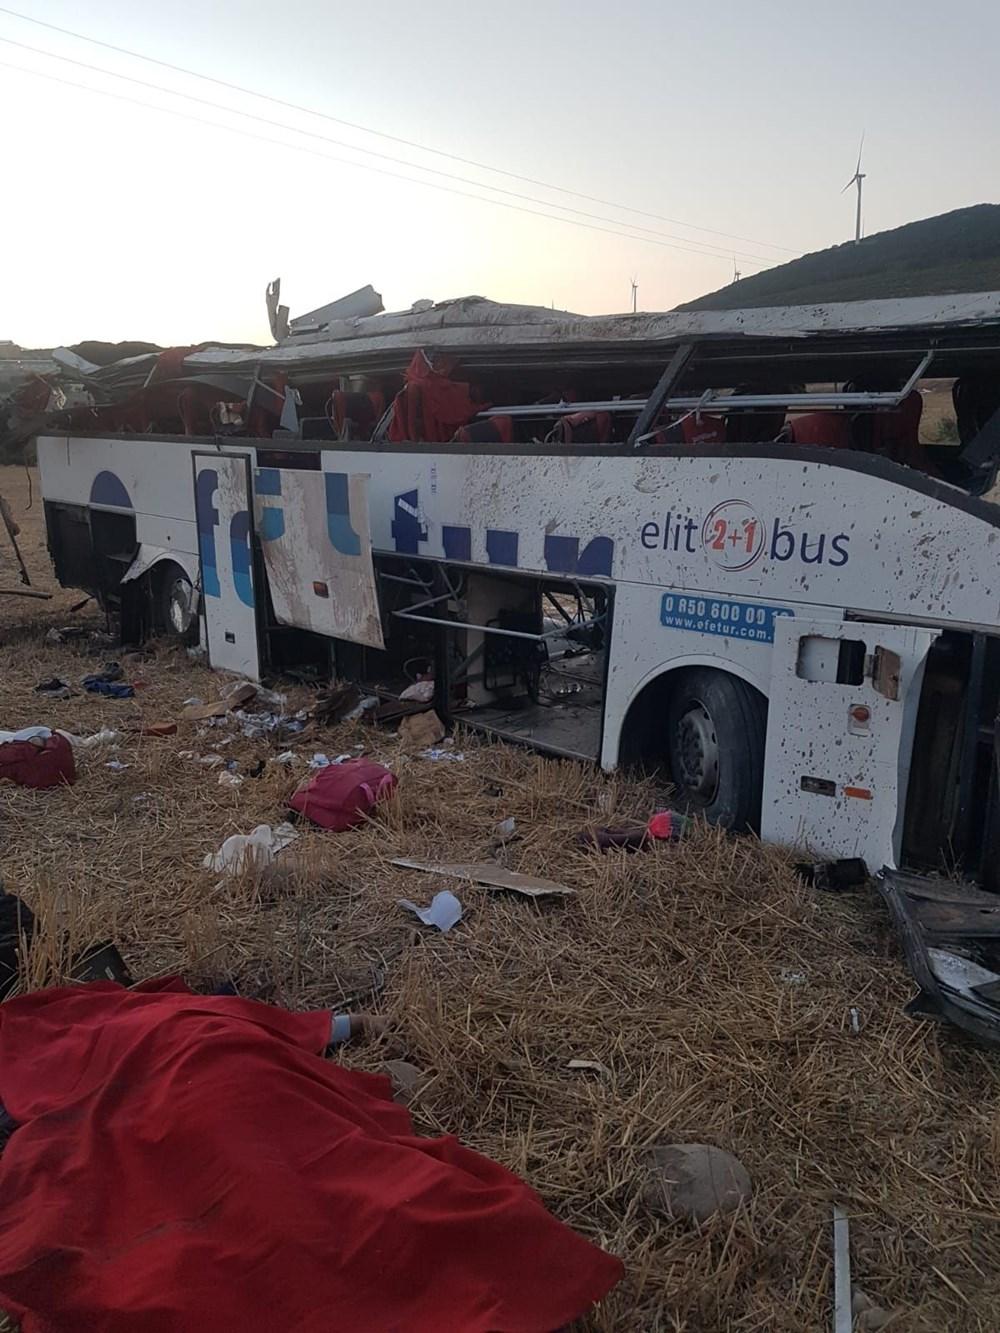 Balıkesir'de yolcu otobüsü devrildi: 14 kişi hayatını kaybetti - 3